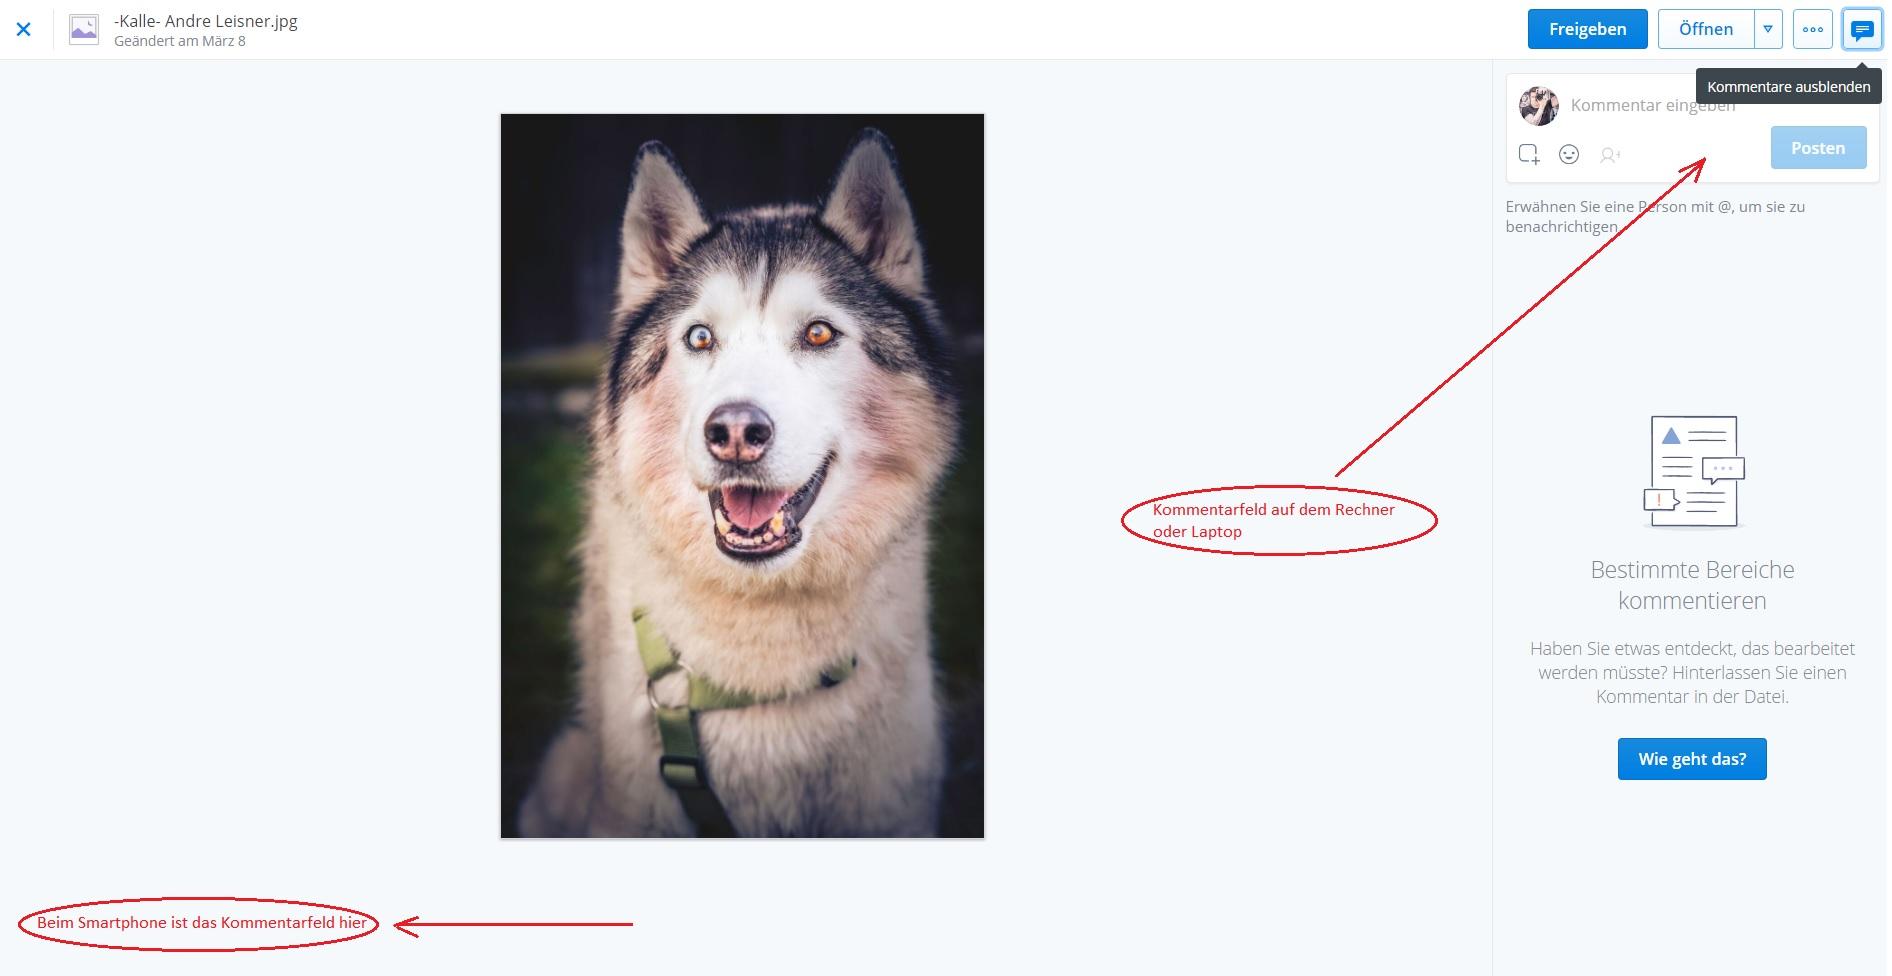 Kundenauswahl Bilder Dropbox